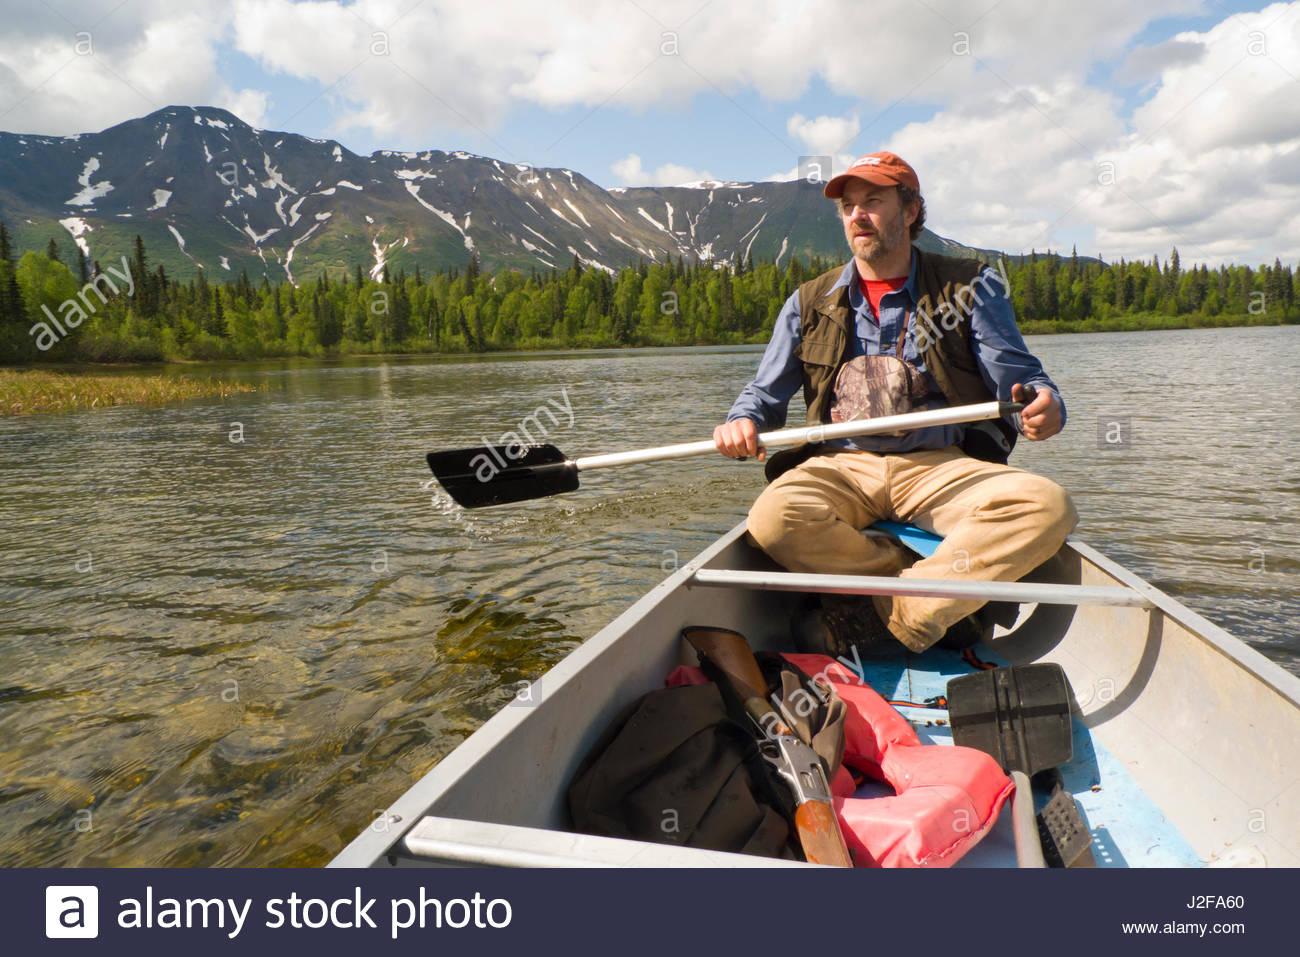 Alaska matanuska susitna county talkeetna - Mature Caucasian Man Paddling An Aluminum Canoe On Miami Lake Talkeetna Mountains Matanuska Susitna Borough Alaska Usa